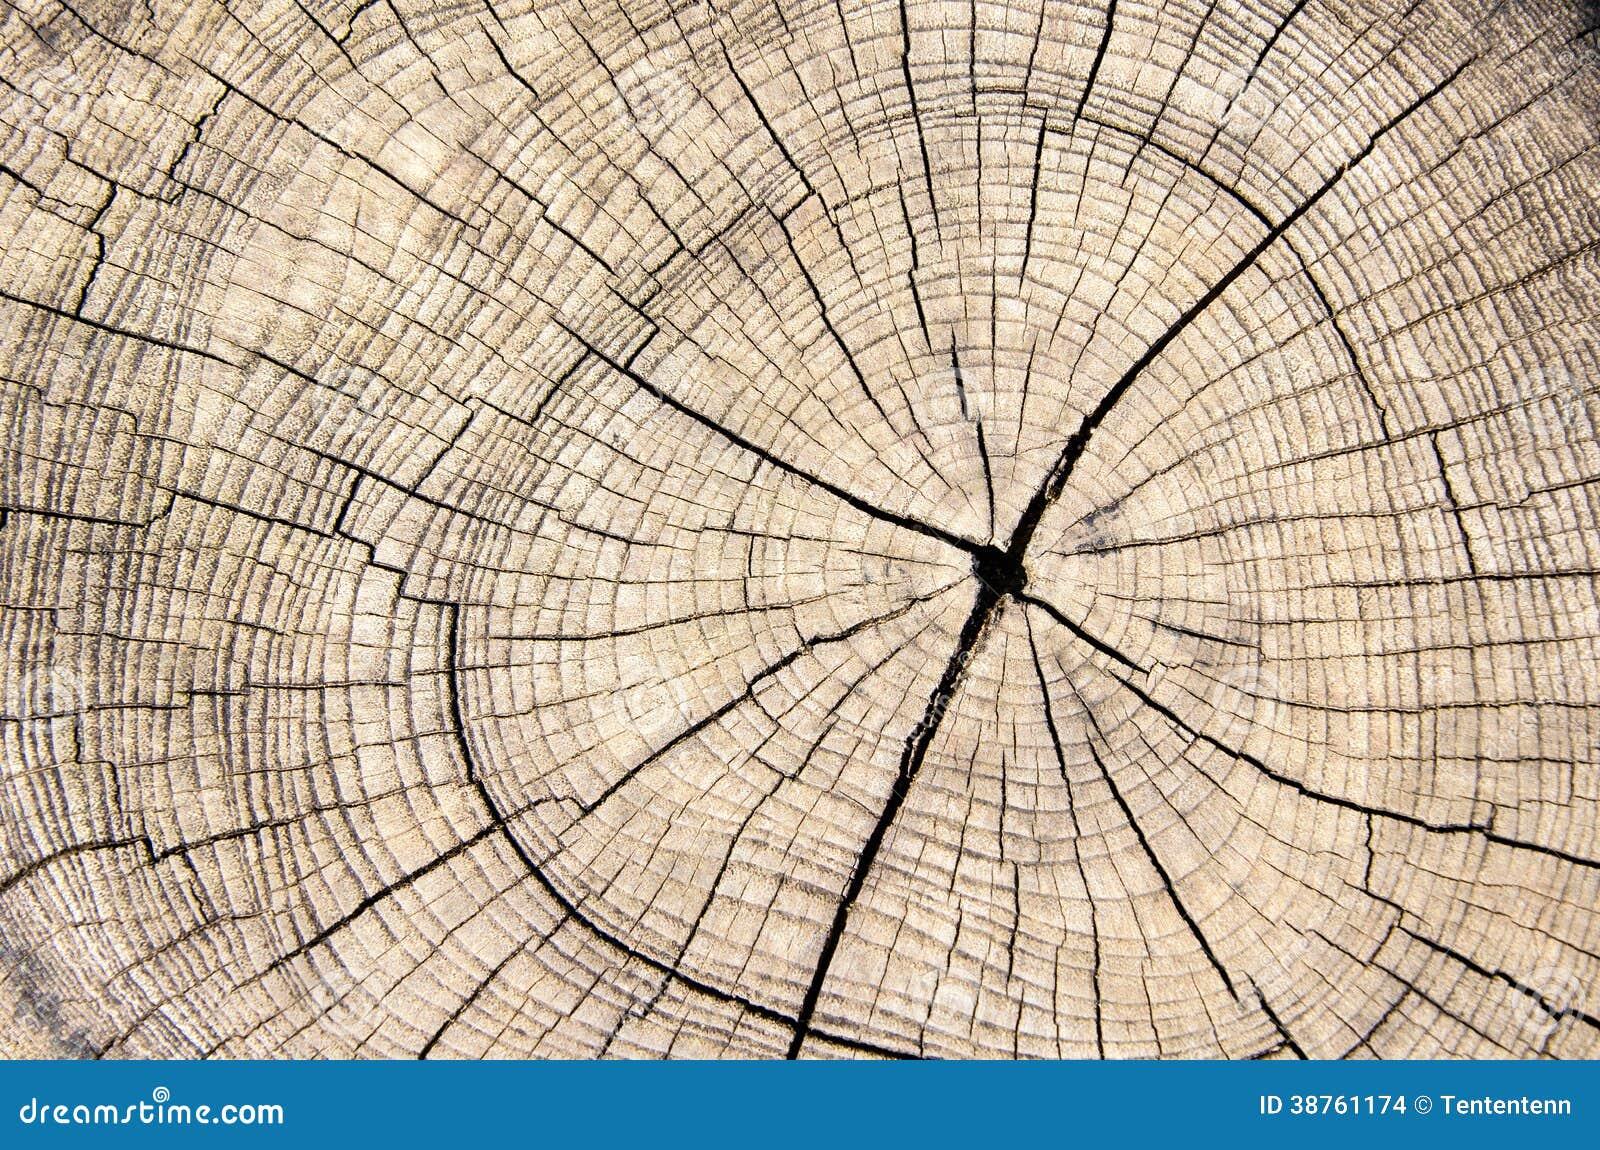 Tronco de árbol de madera del corte de la textura